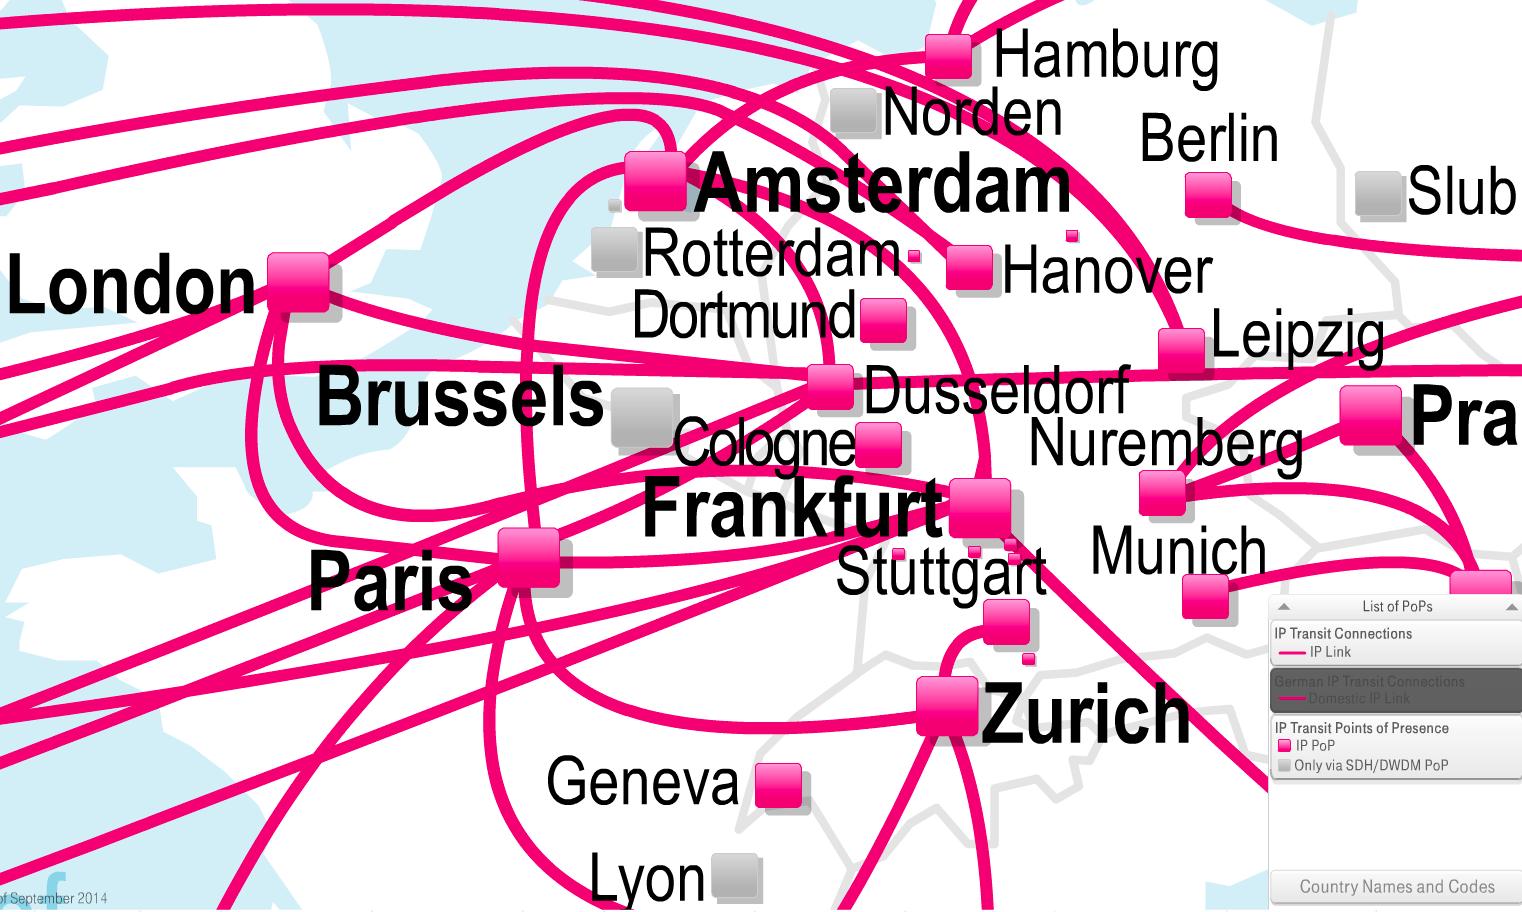 De Cix Präsenz Der Telekom Abhörsicherheit Nur Ein Angenehmer